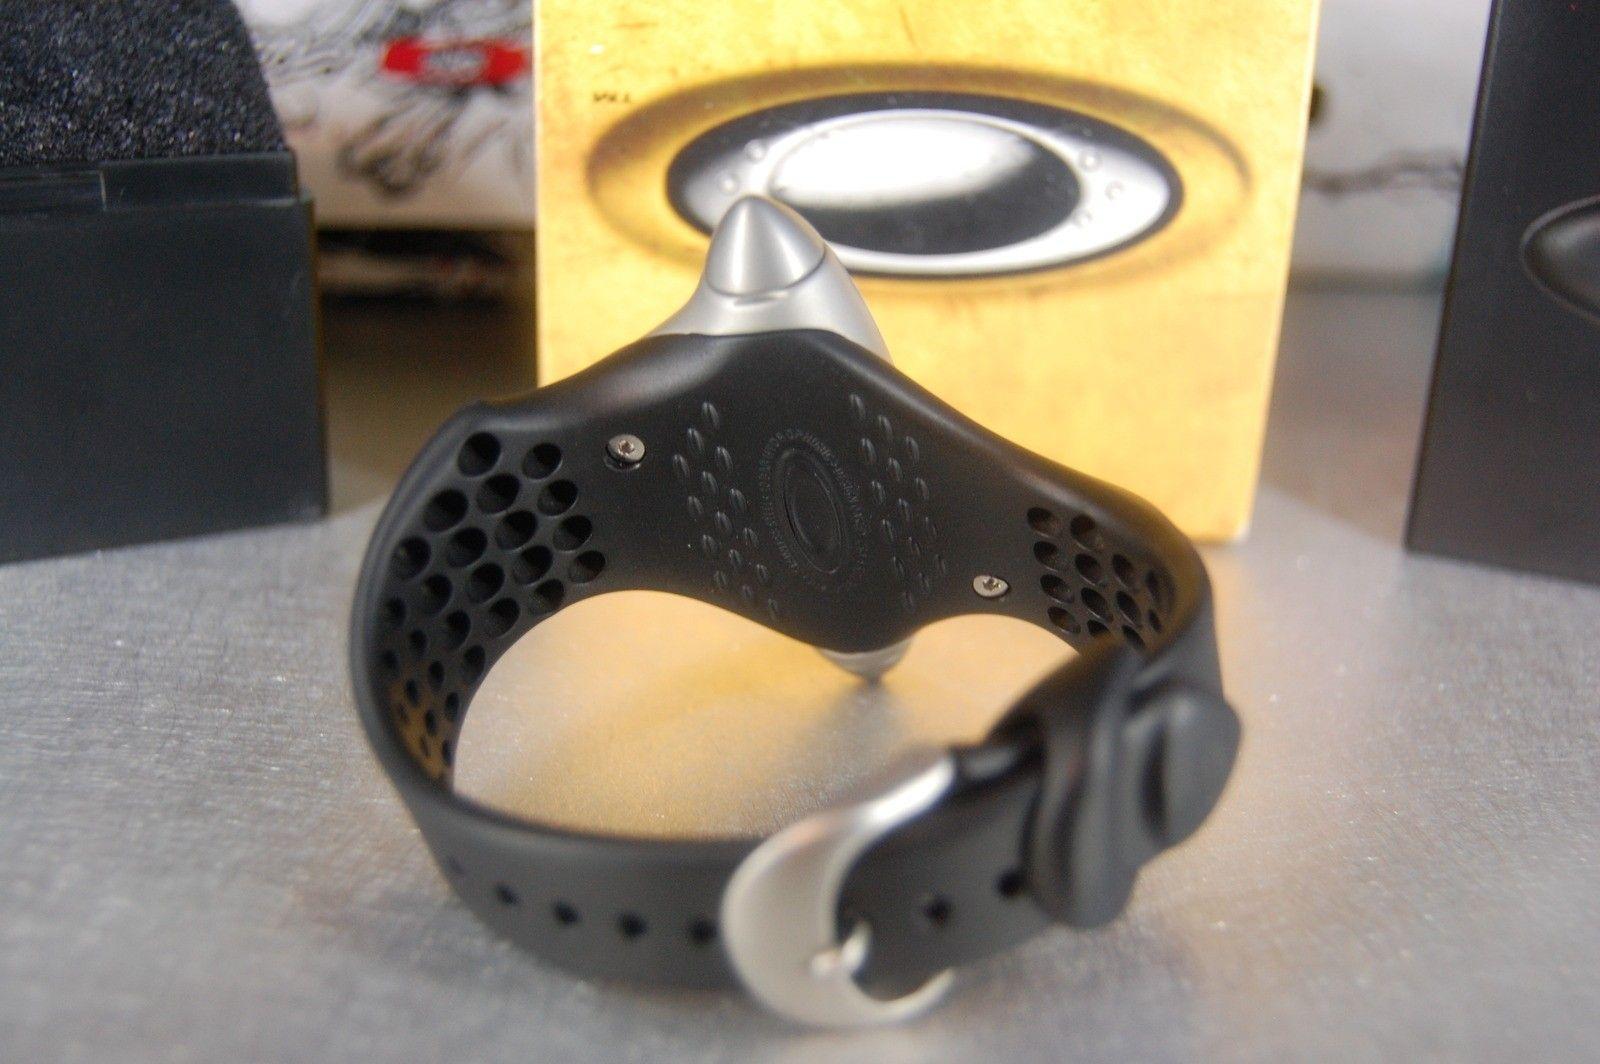 Oakley Torpedo Watch Value? - dsc10054.jpg